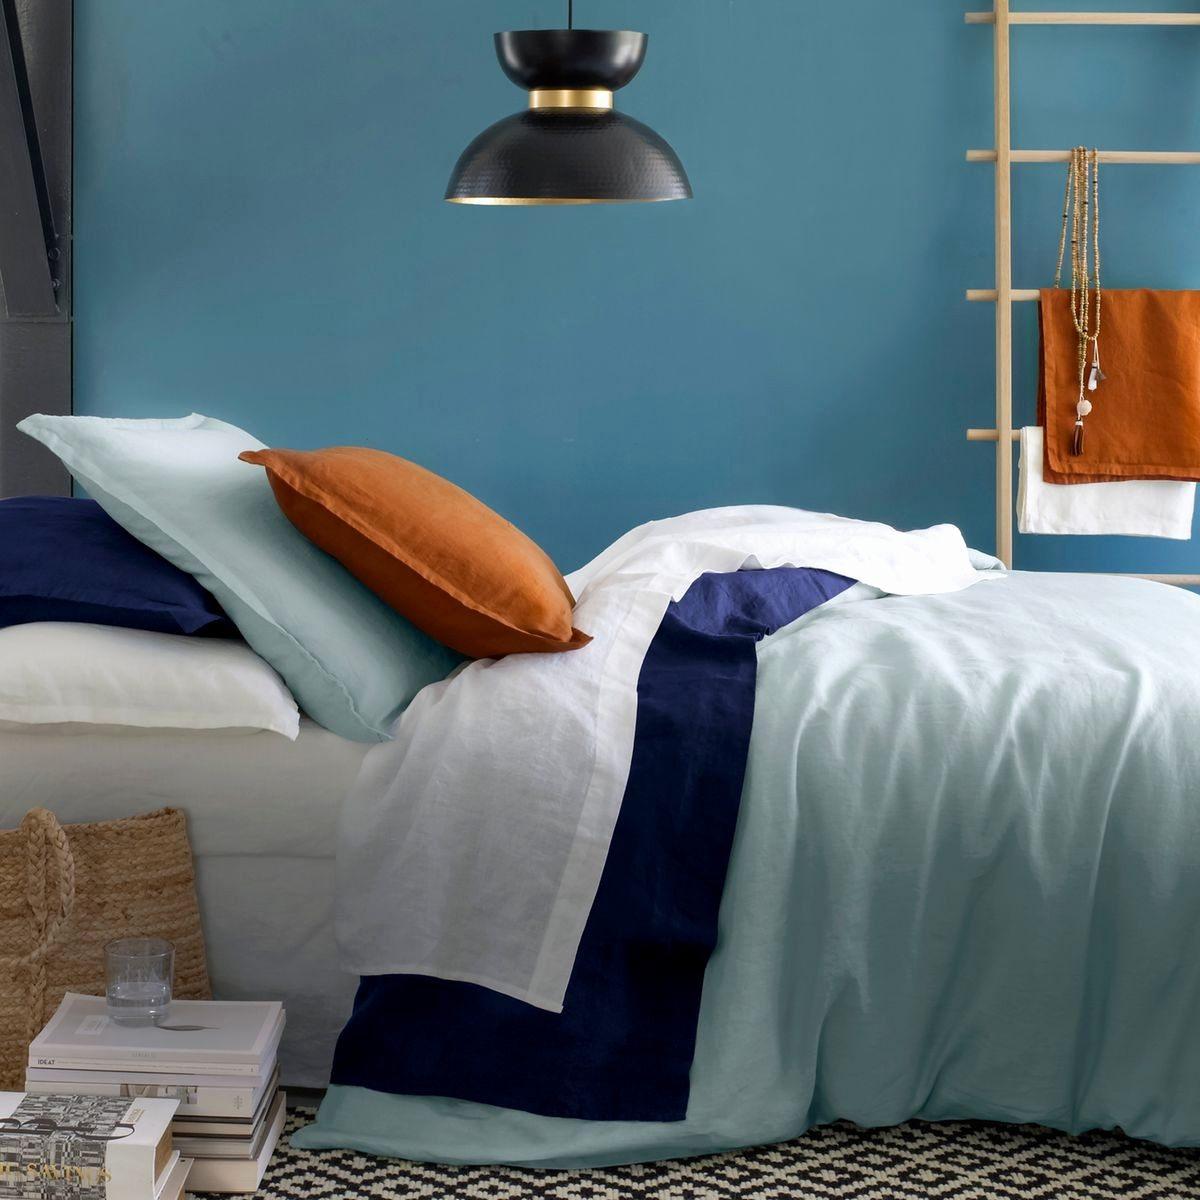 amazon linge de lit inspirant ampm linge de lit nouveau. Black Bedroom Furniture Sets. Home Design Ideas